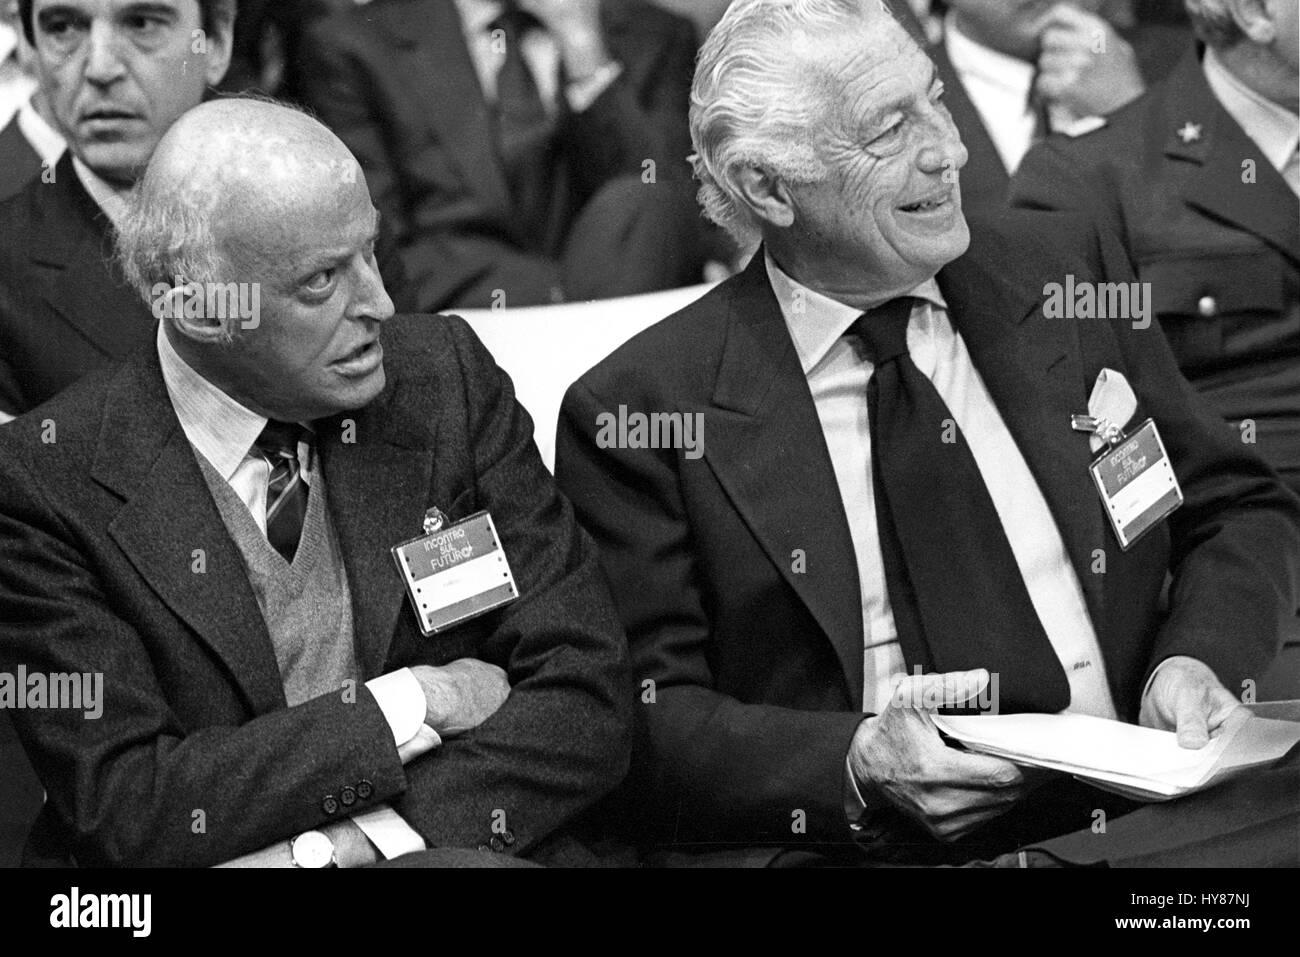 Leopoldo Pirelli, president of Pirelli company with Gianni ...